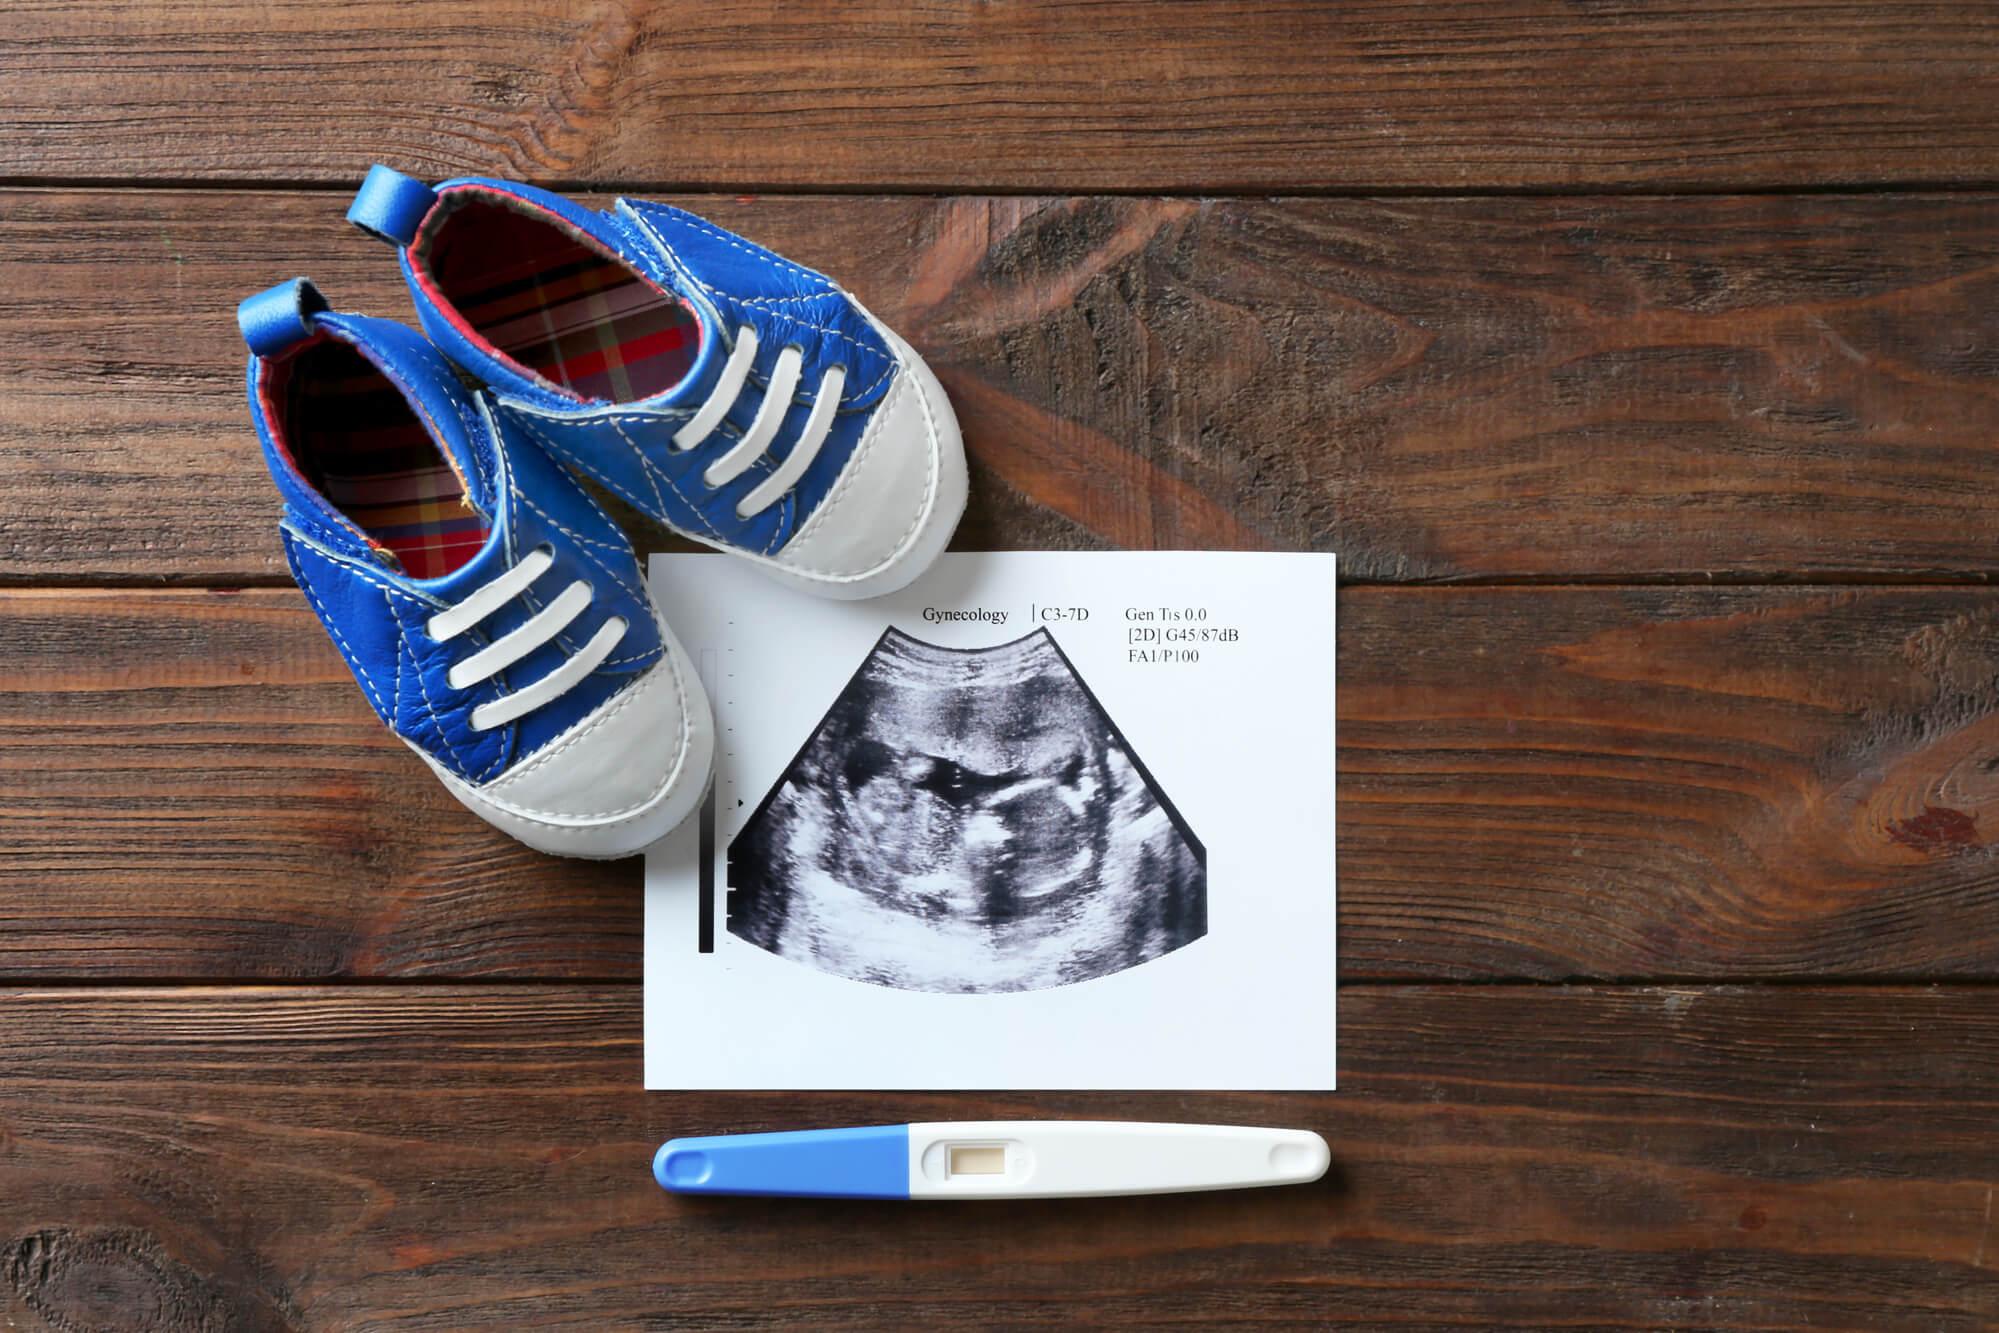 泰国试管婴儿技术在世界上算先进的吗?泰国试管婴儿技术水平真的很好吗?